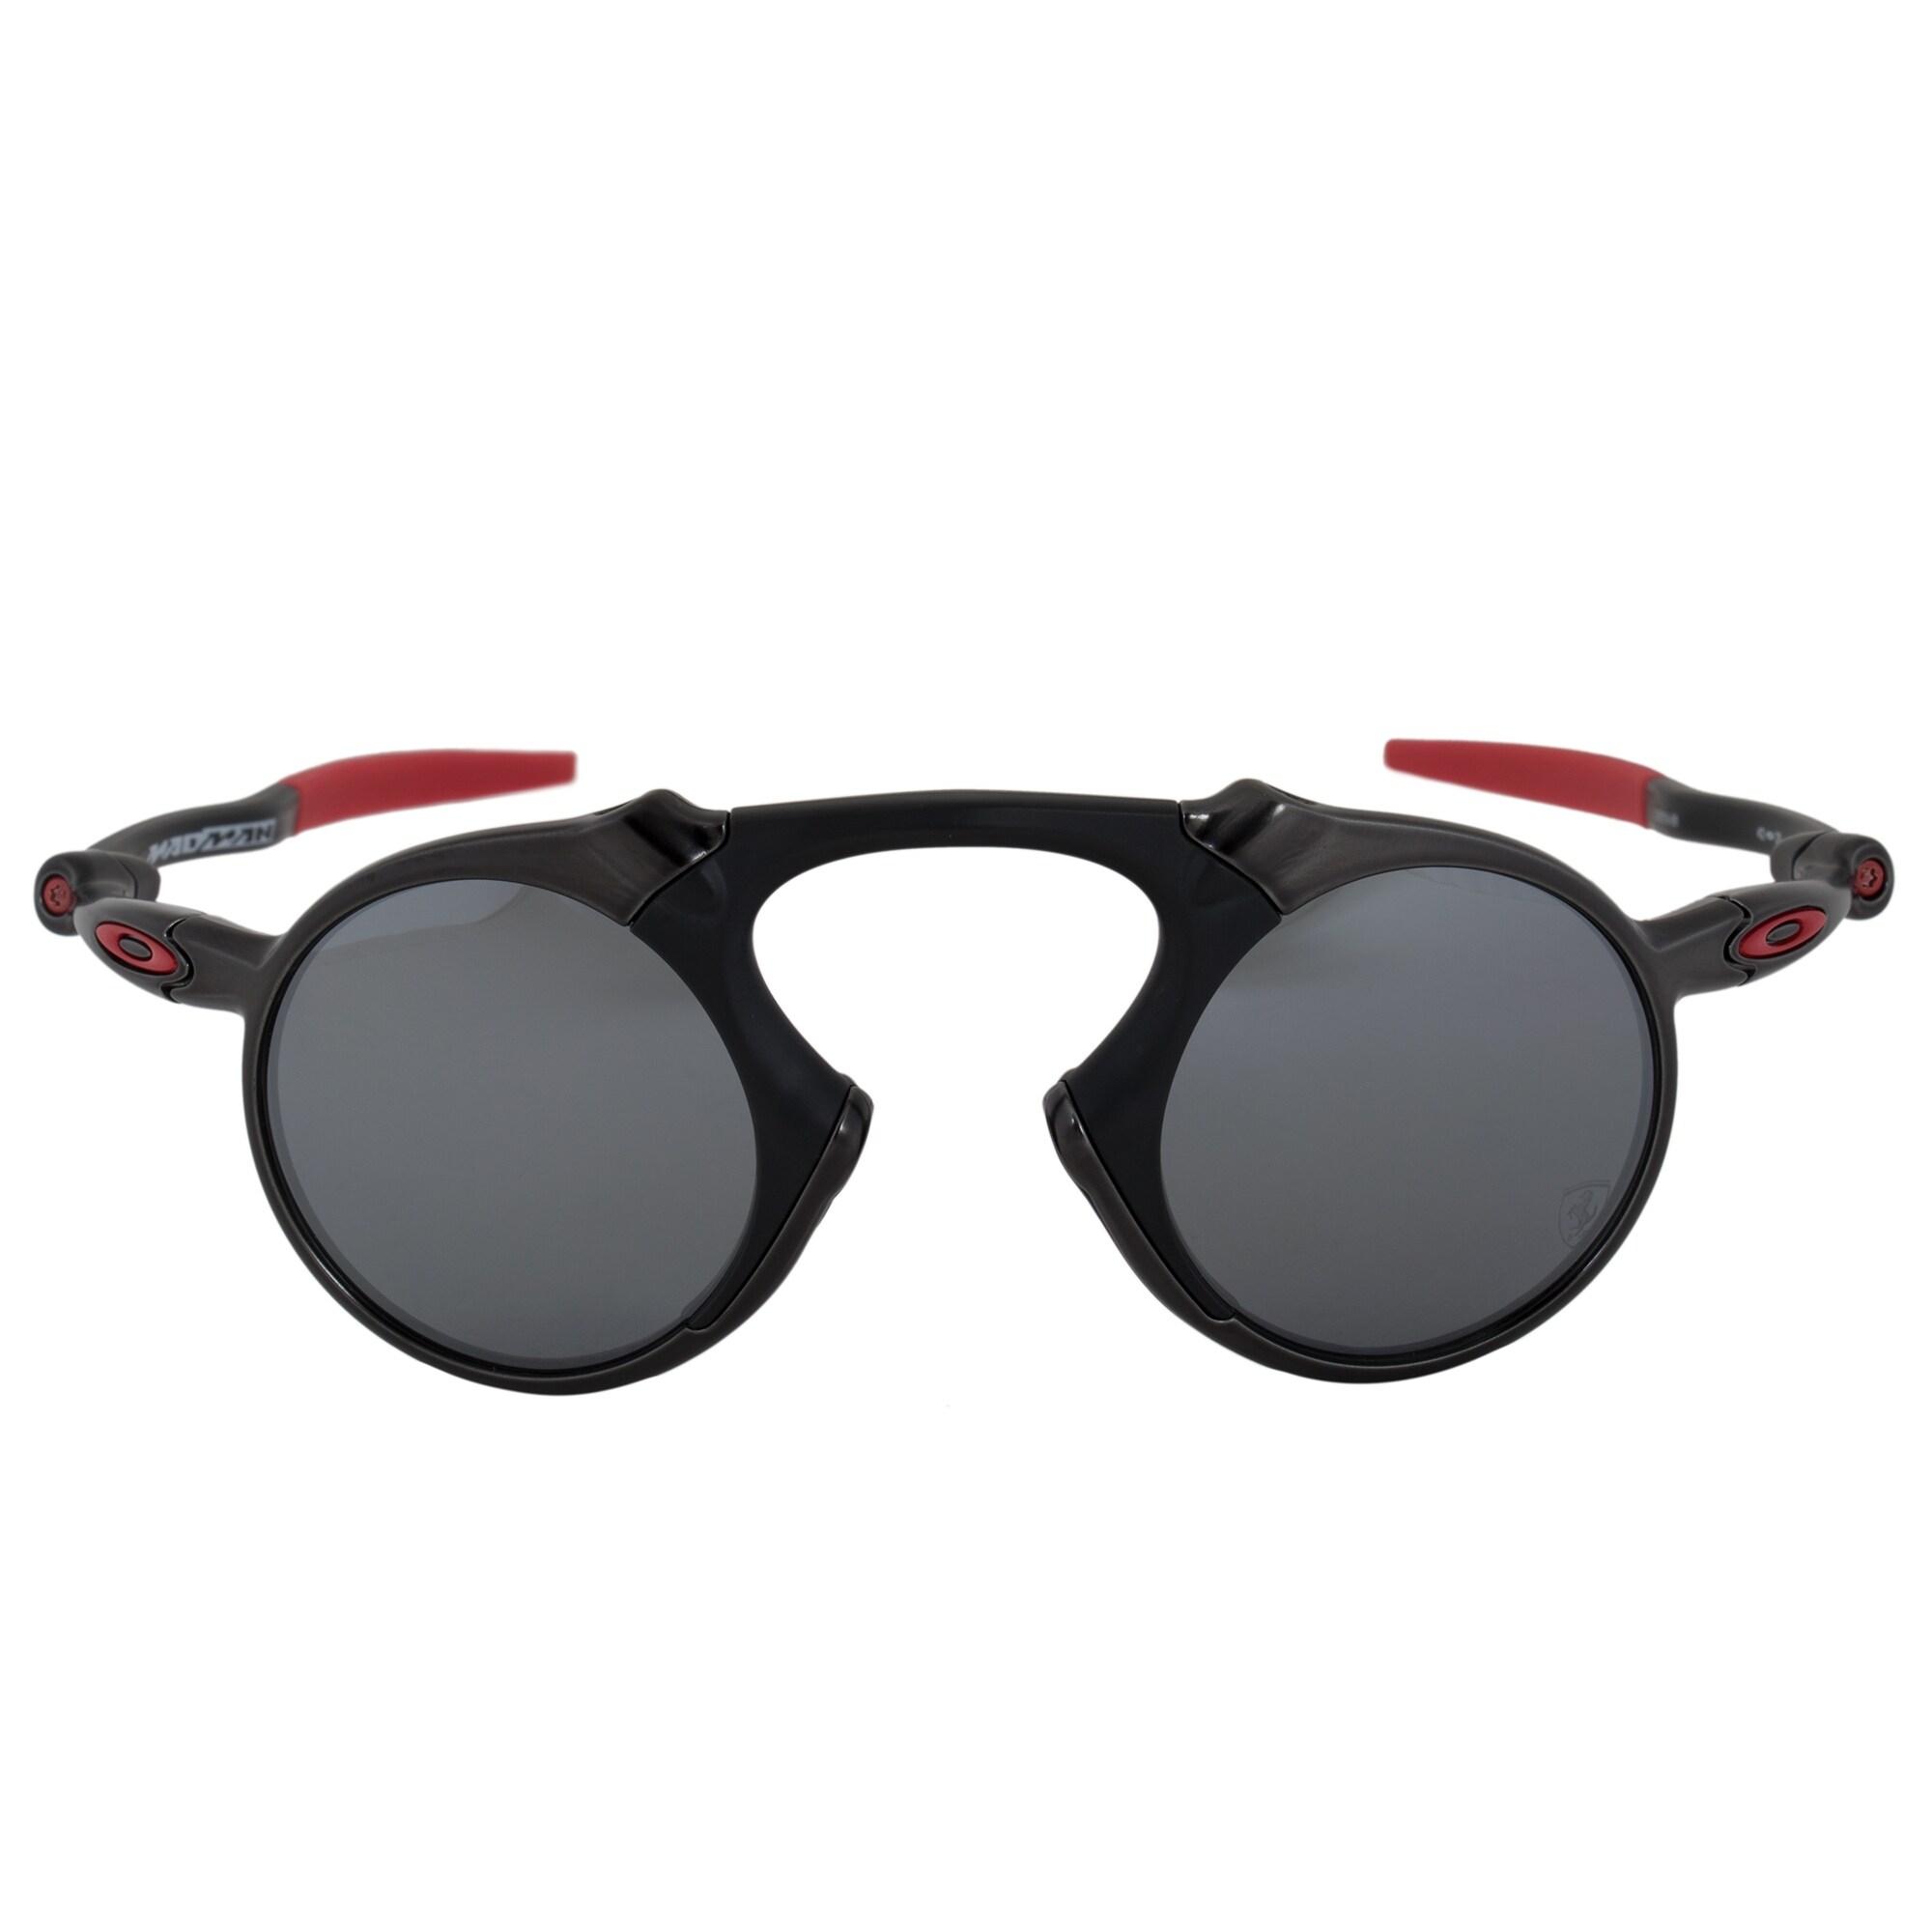 d79cd28a08 Oakley Sunglasses